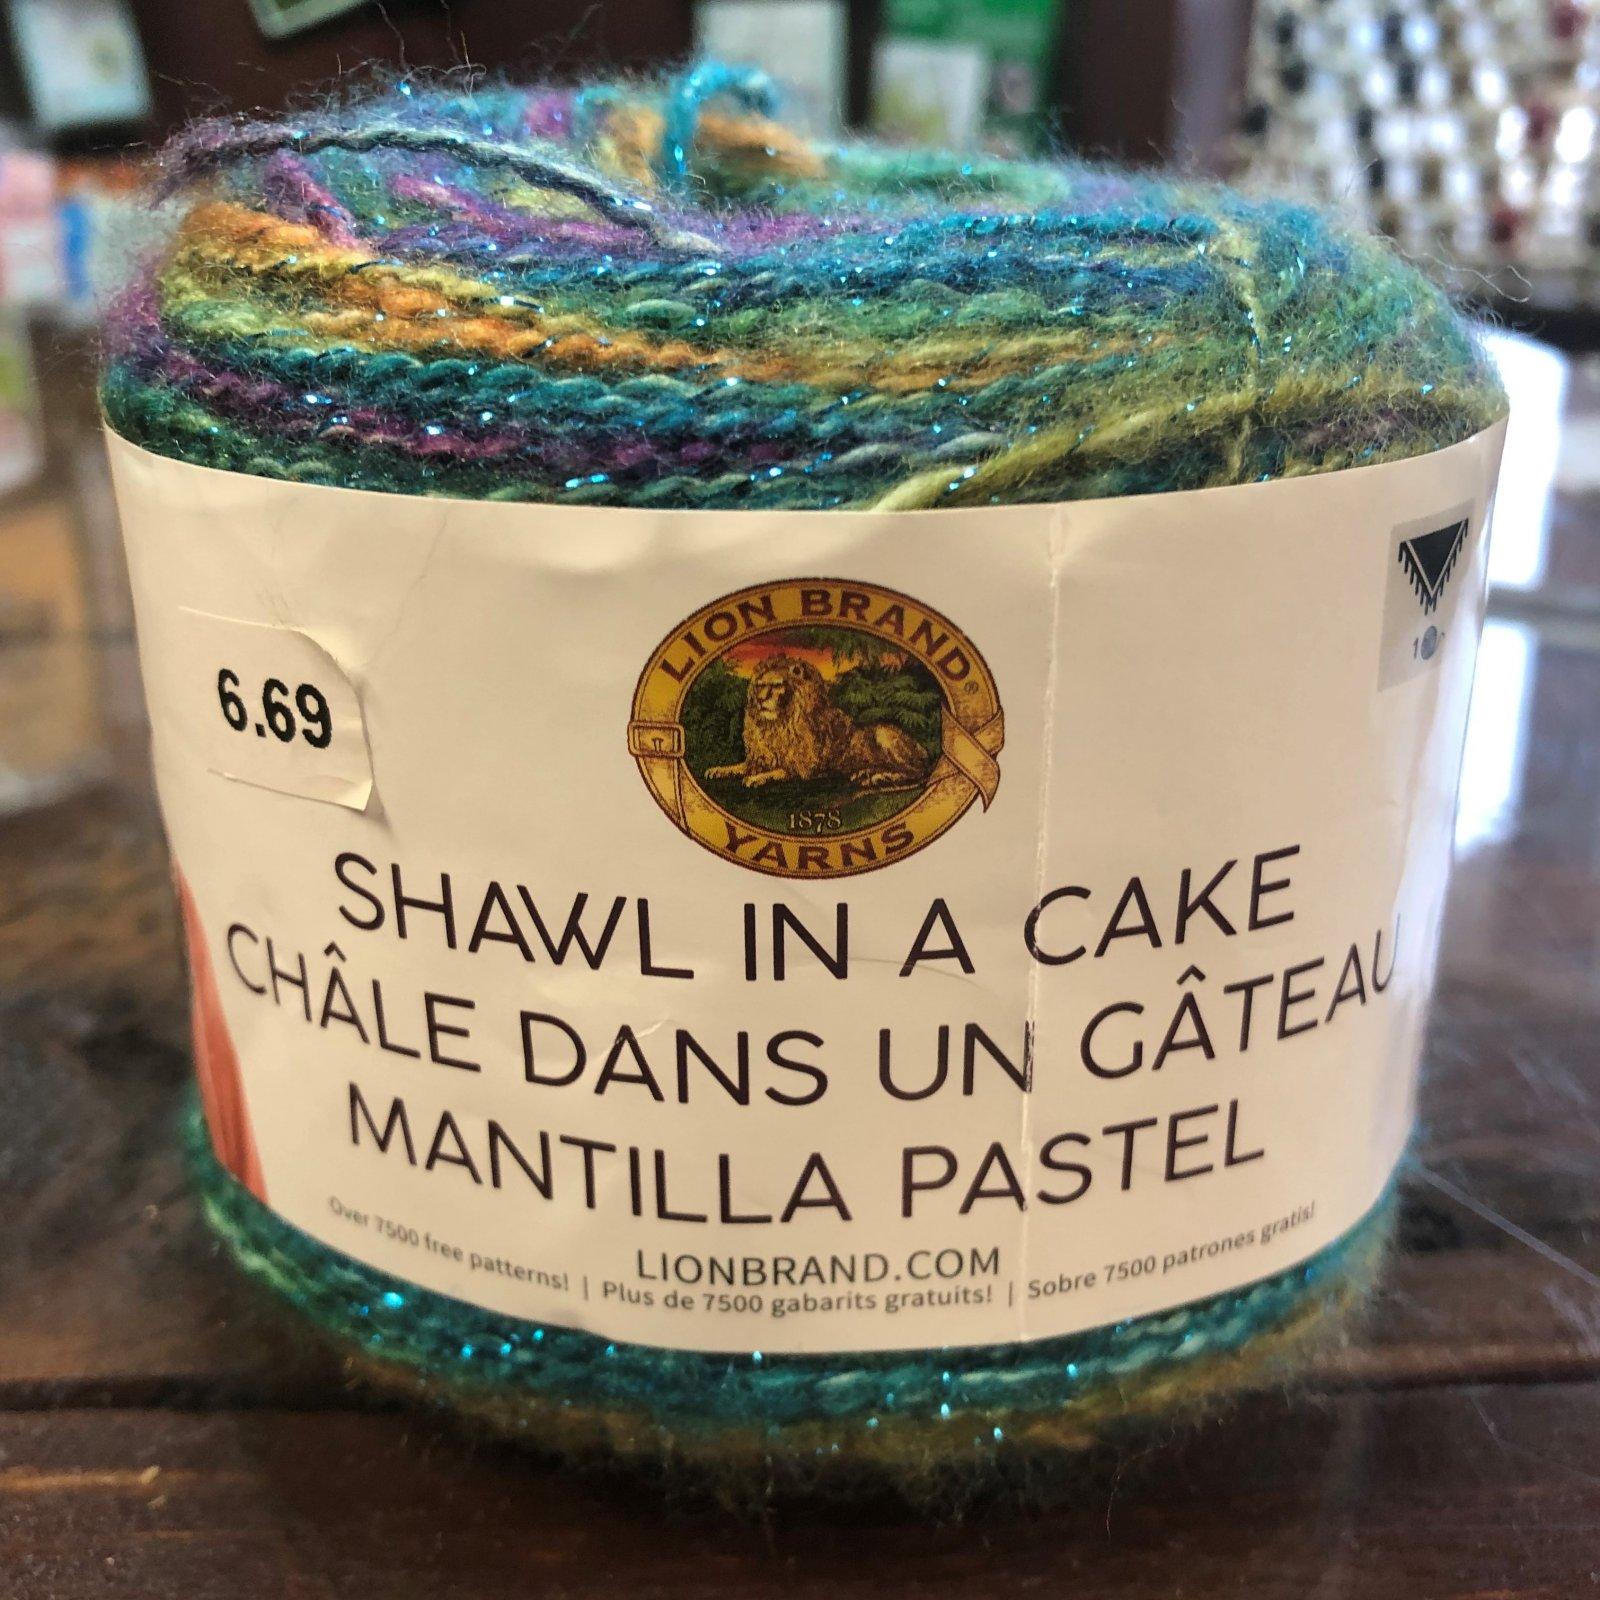 Prism Shawl Cake